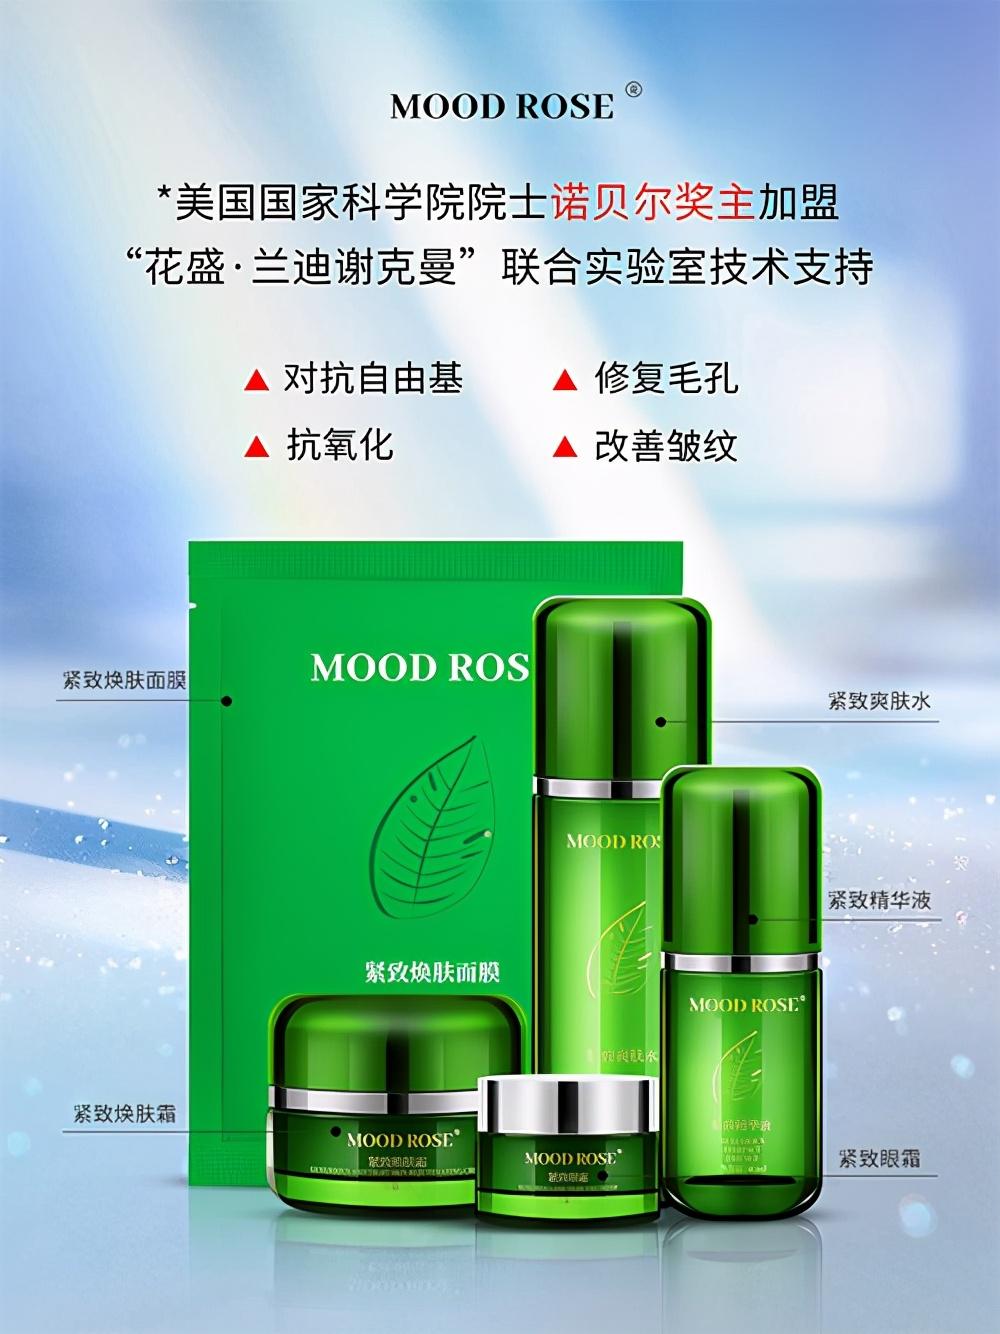 MoodRose蒙蒂罗兰   匠心坚守,缔造中国卓越护肤新品牌